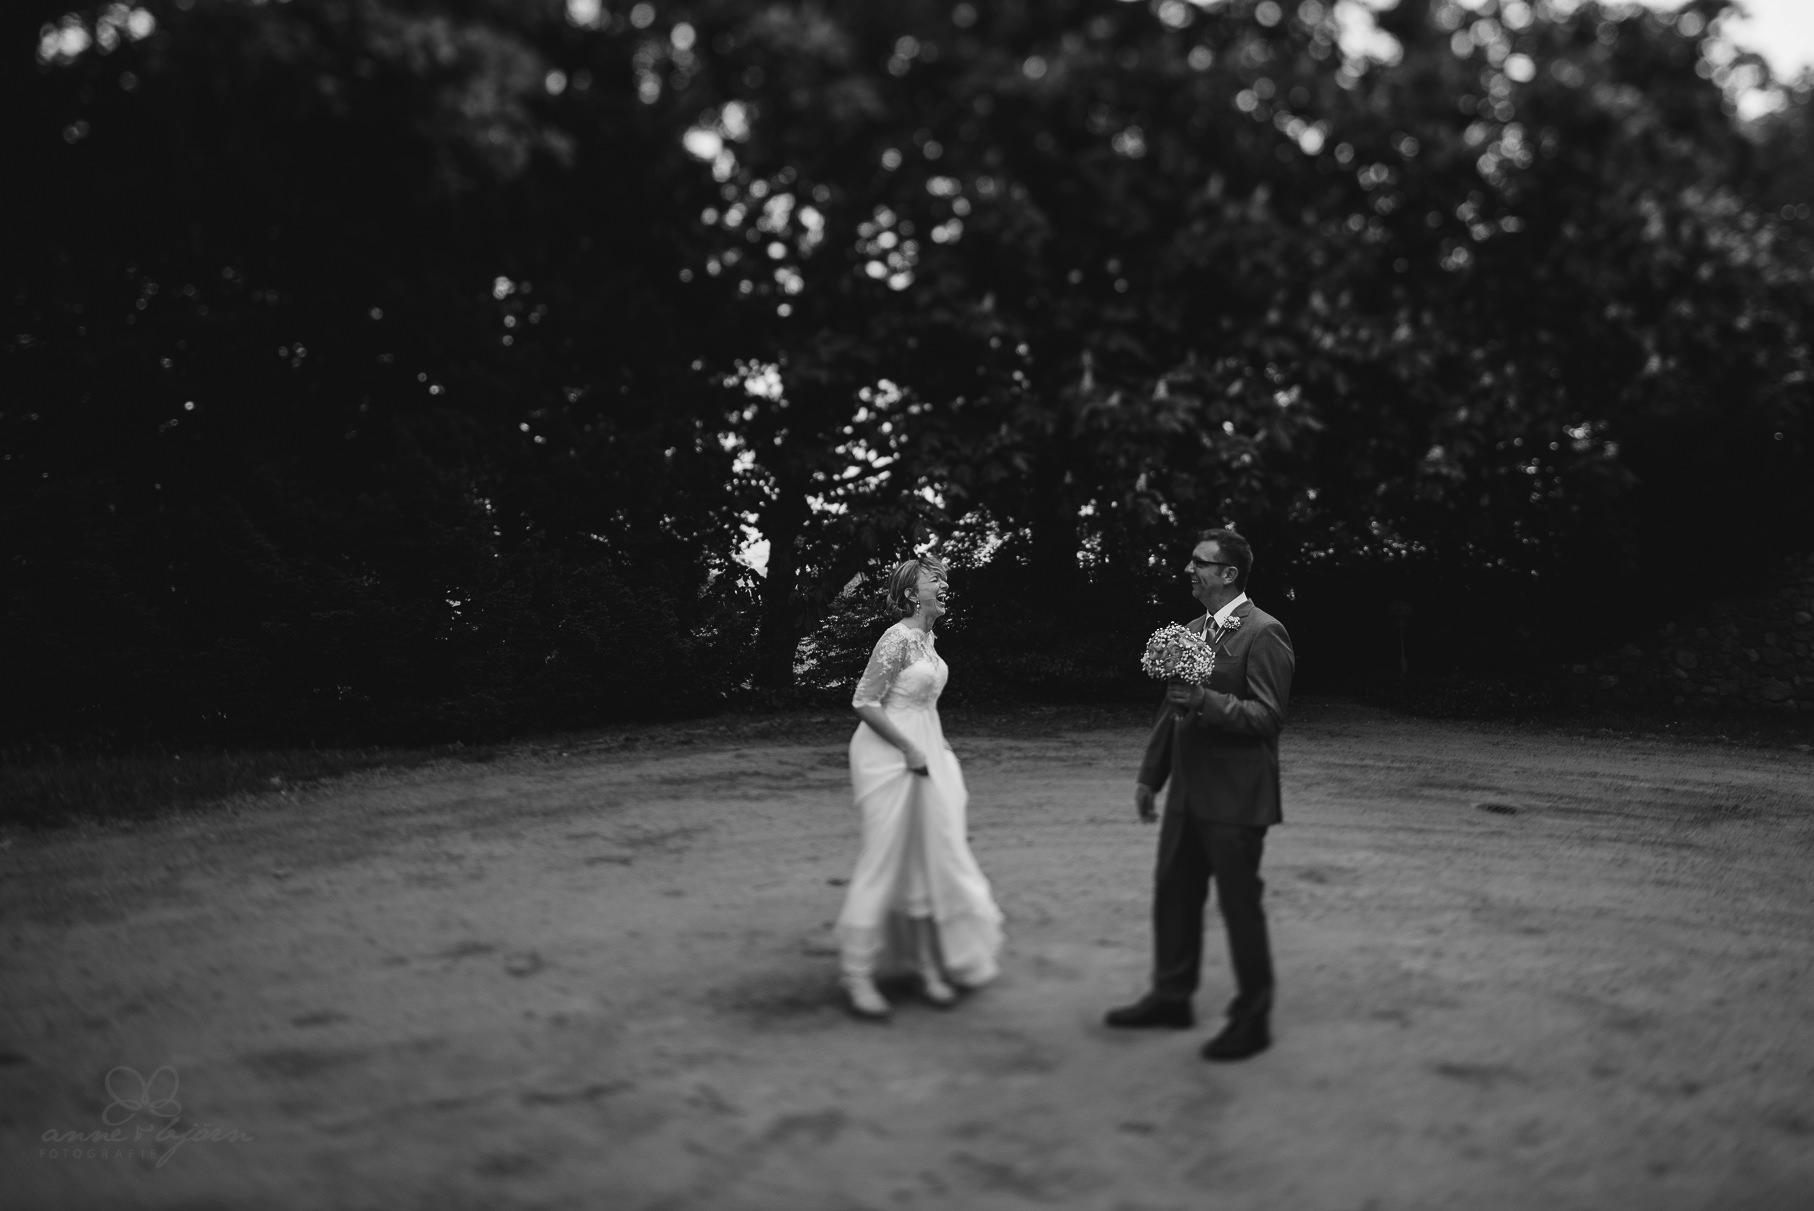 0075 anne und bjoern Manu und Sven D75 9849 1 - DIY Hochzeit im Erdhaus auf dem alten Land - Manuela & Sven